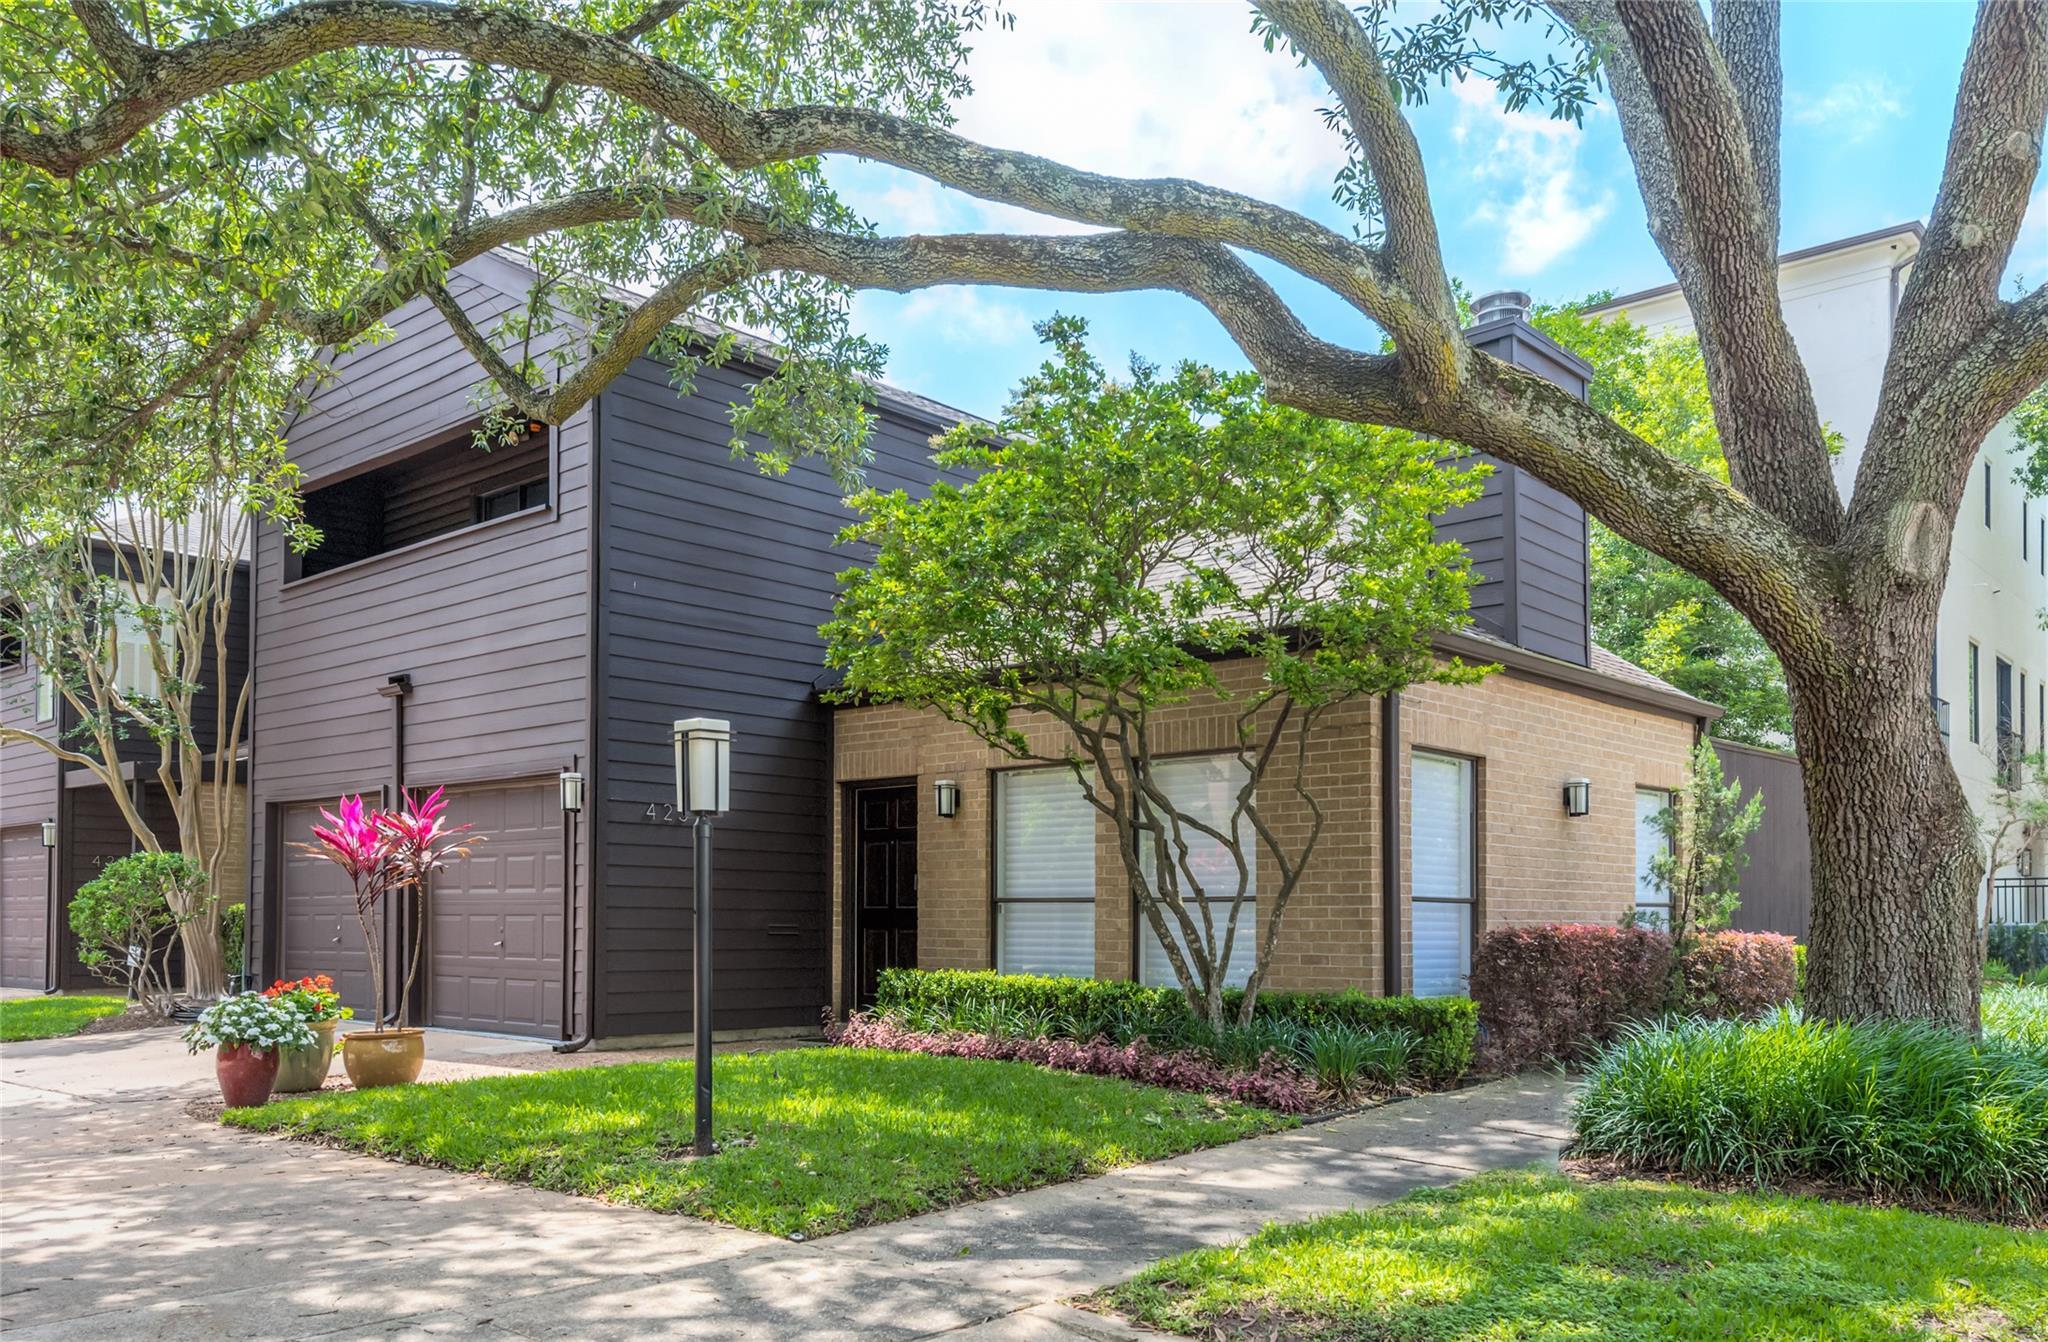 Afton Oaks Th Condo Real Estate Listings Main Image